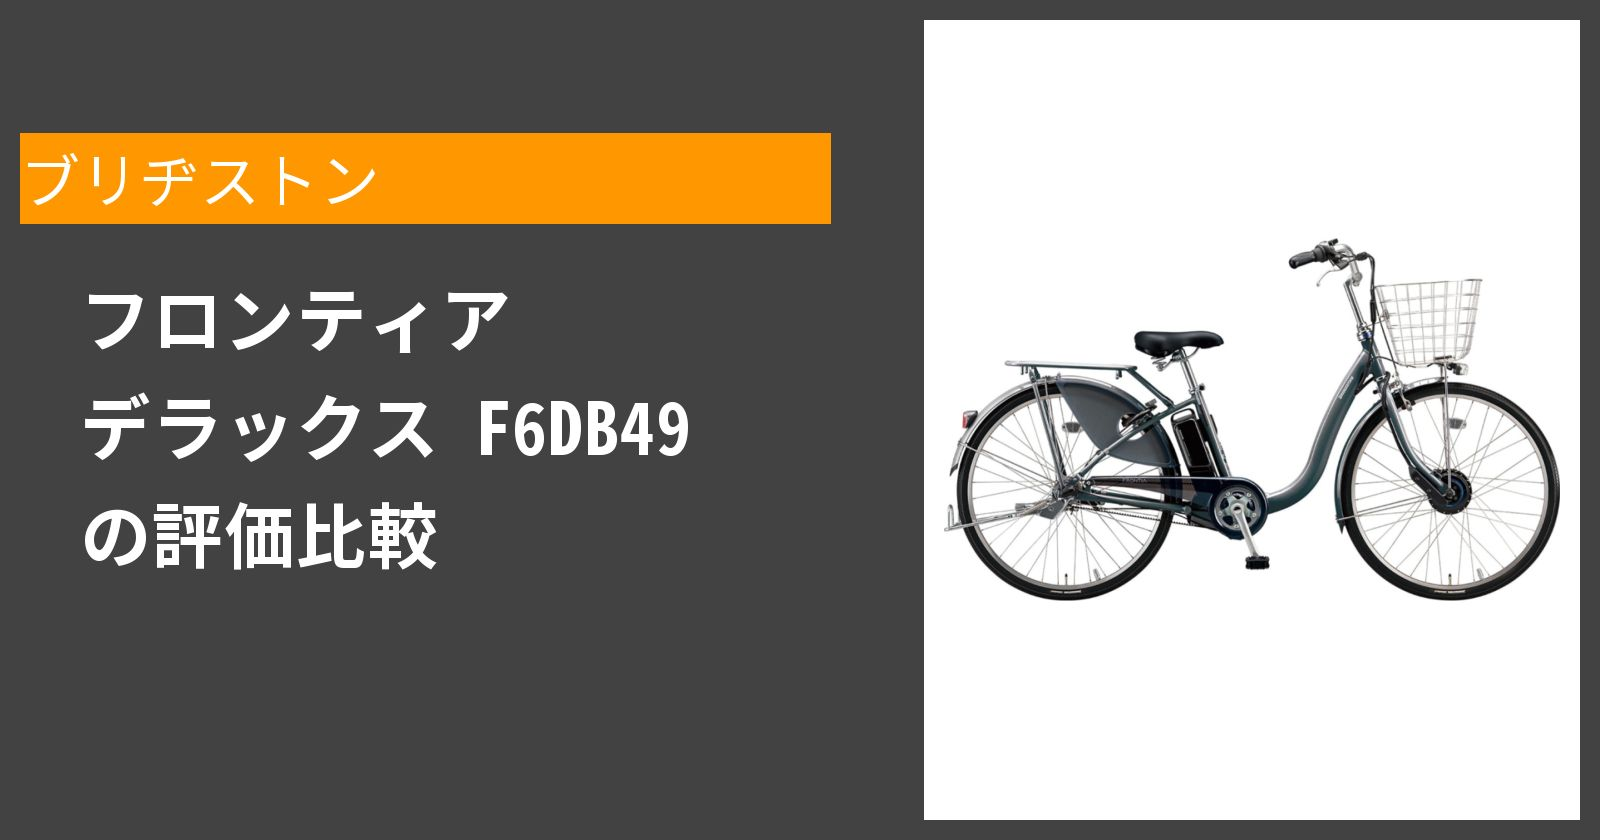 フロンティア デラックス F6DB49を徹底評価